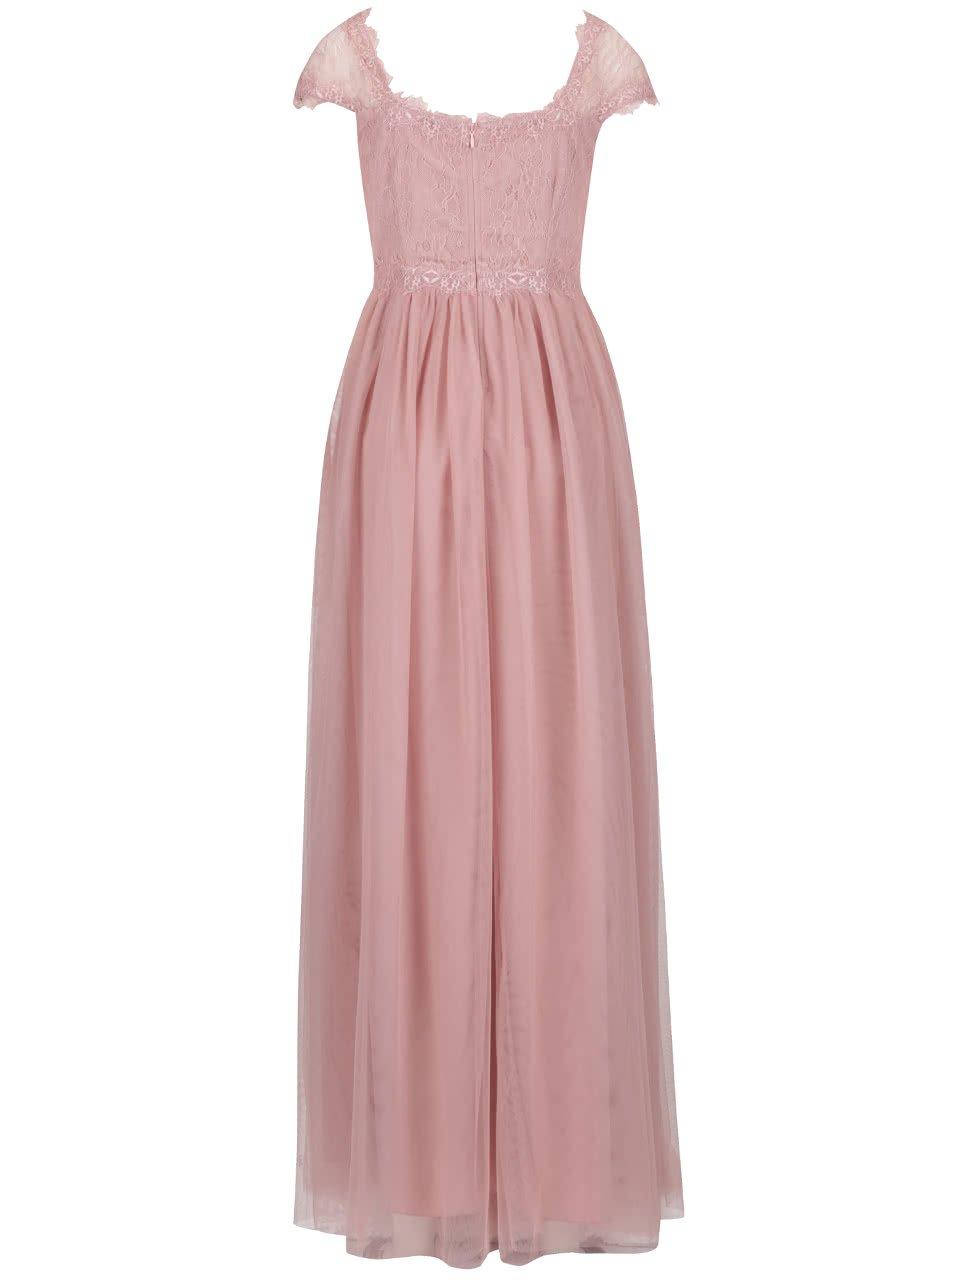 Starorůžové dlouhé šaty s krajkovým topem Little Mistress